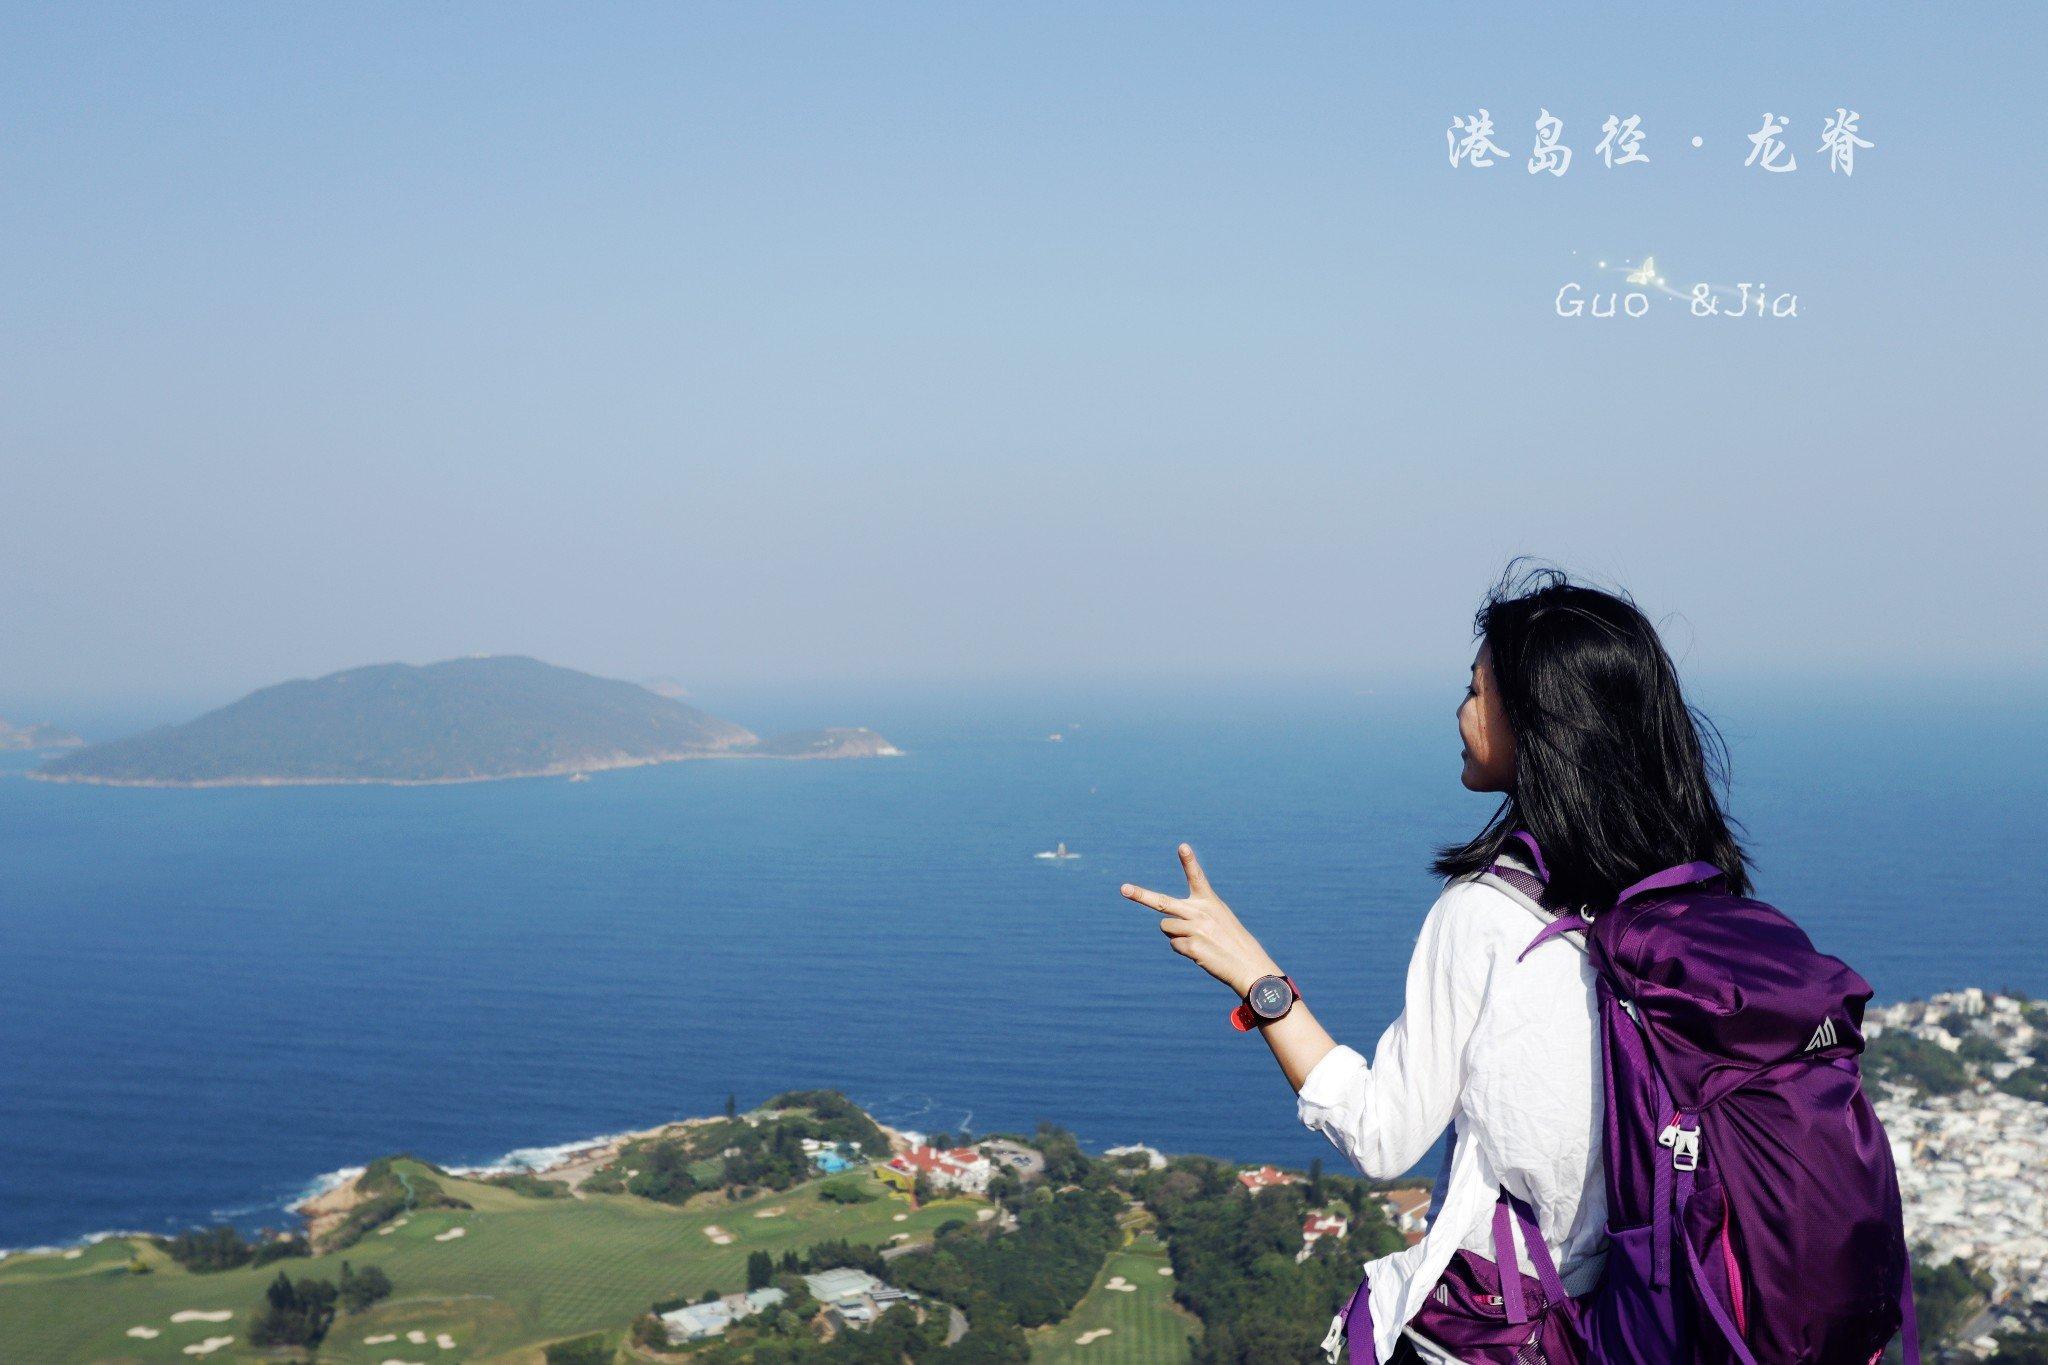 香港·港岛径第八段(龙脊线)+南丫岛的恋恋风情